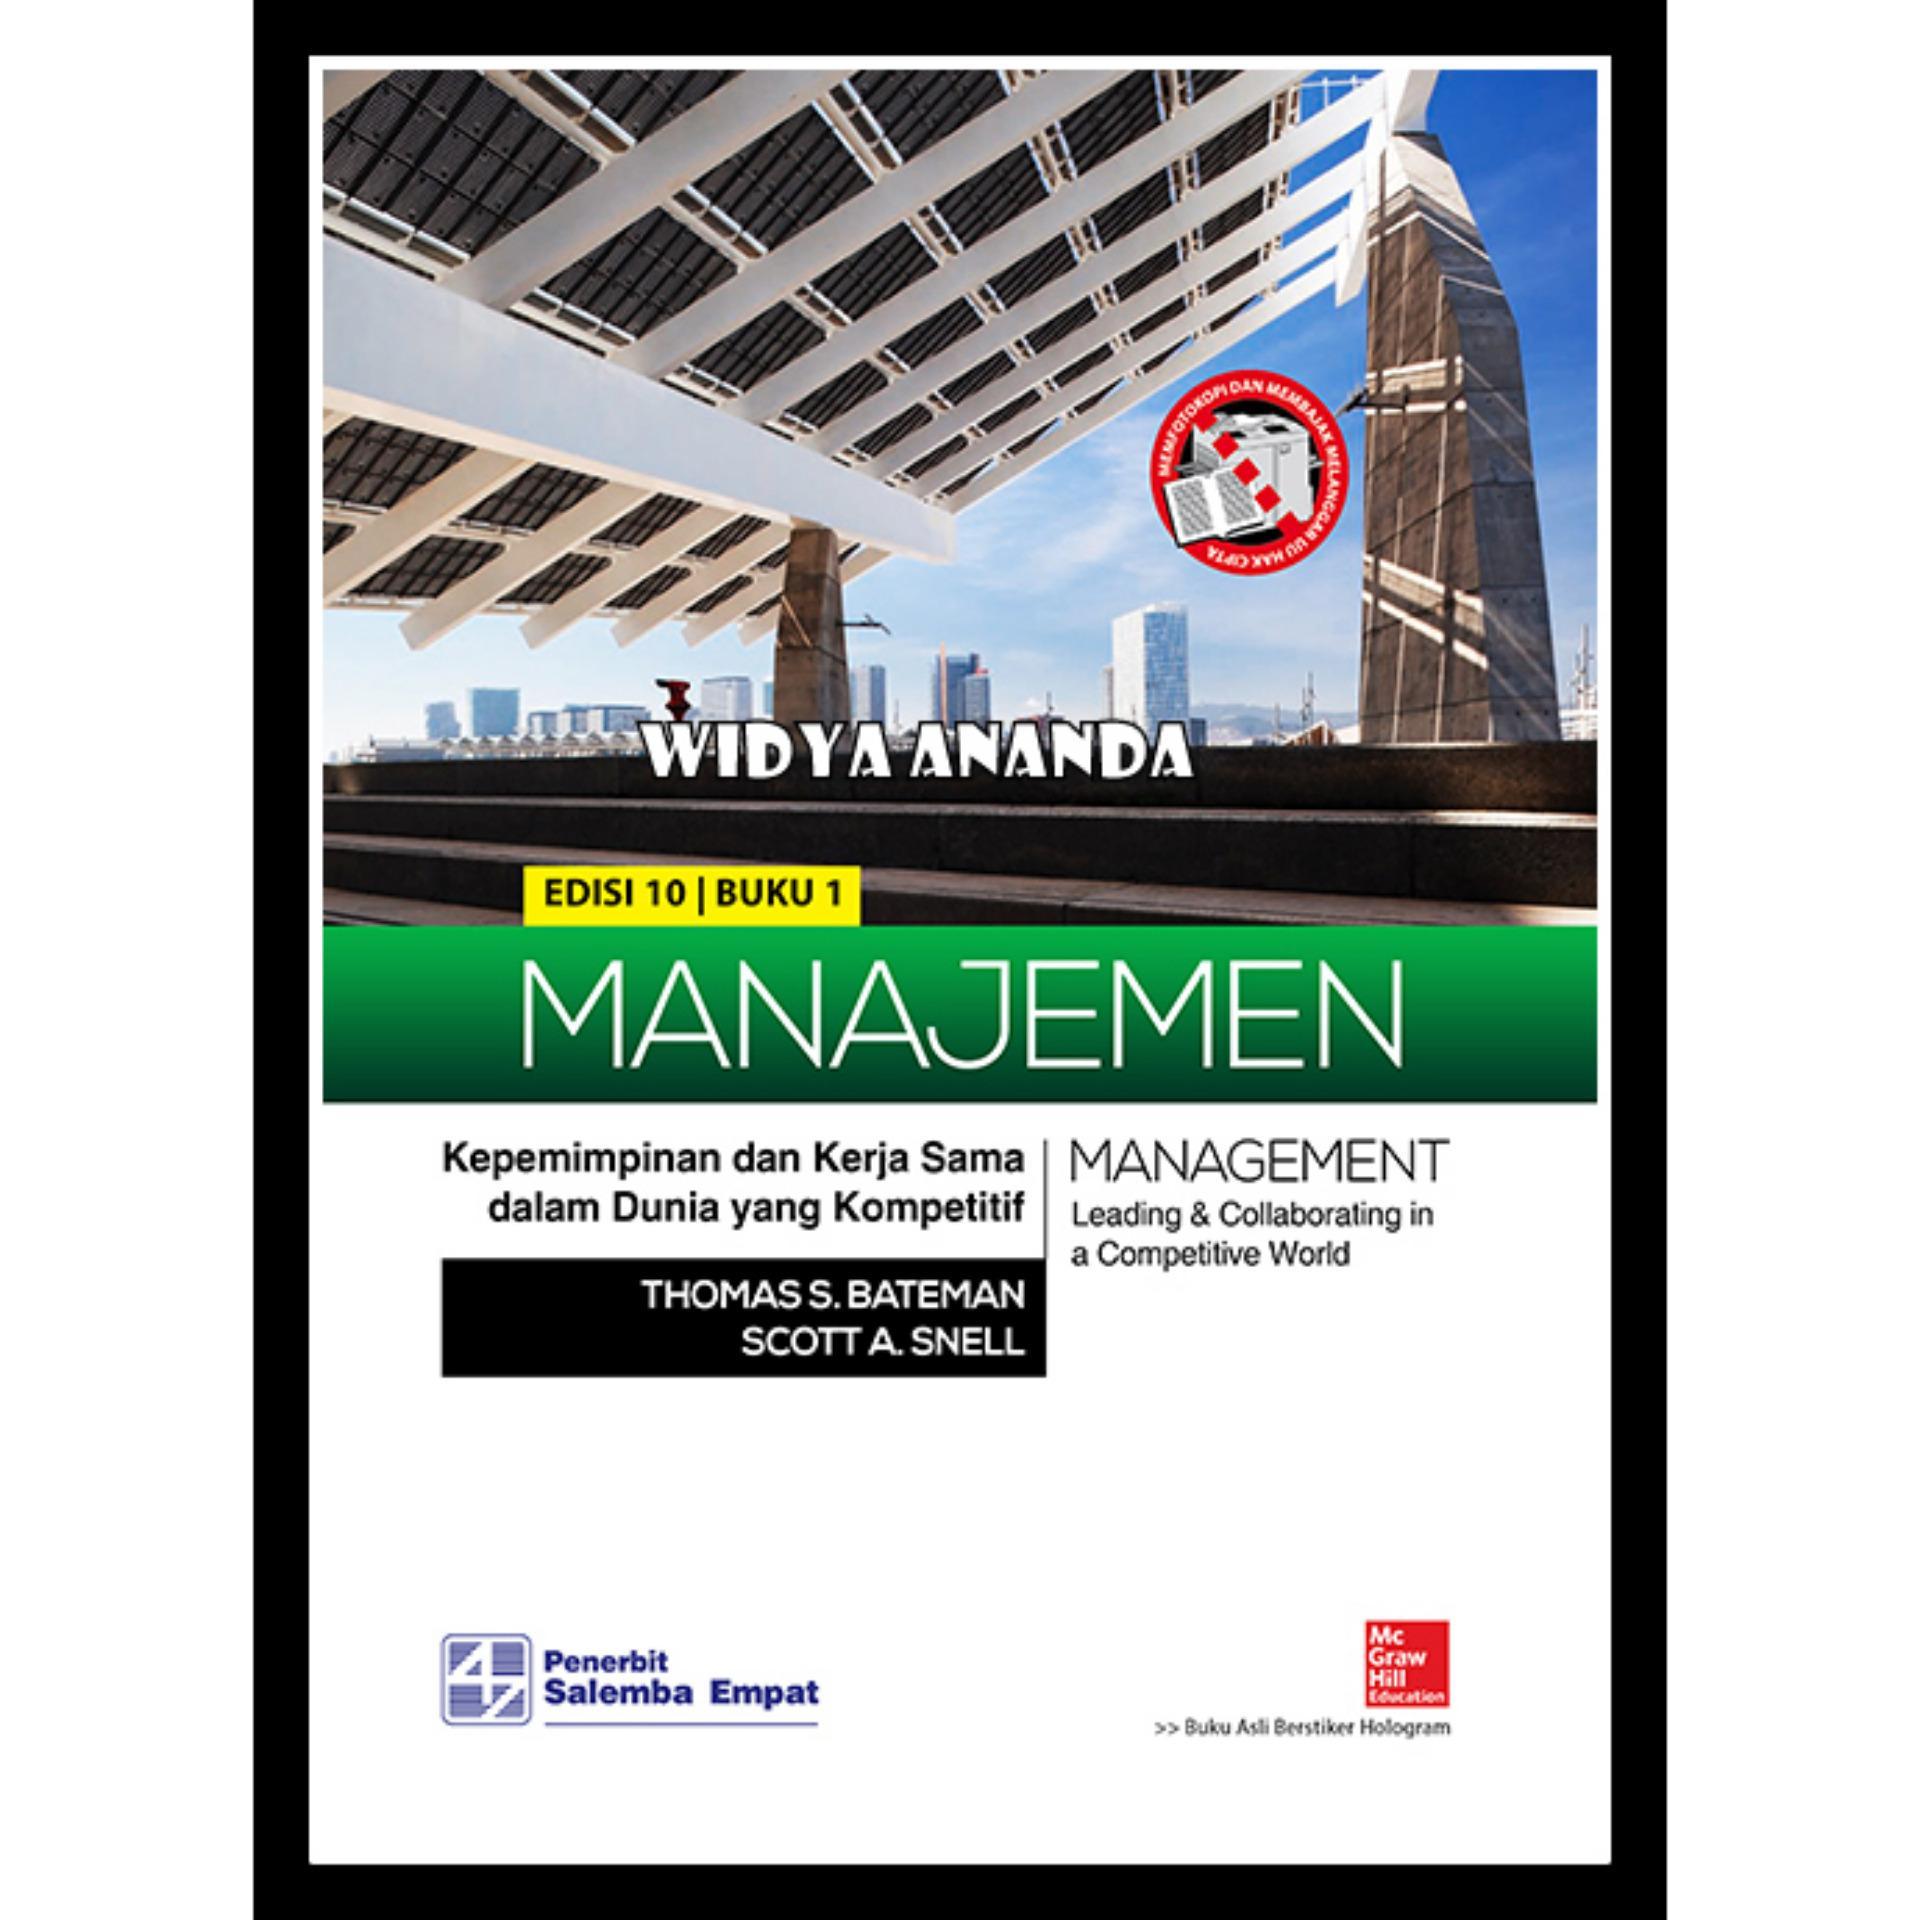 ... Manajemen Kepemimpinan dan Kerja Sama dalam Dunia yang Kompetitif 1Ed 10